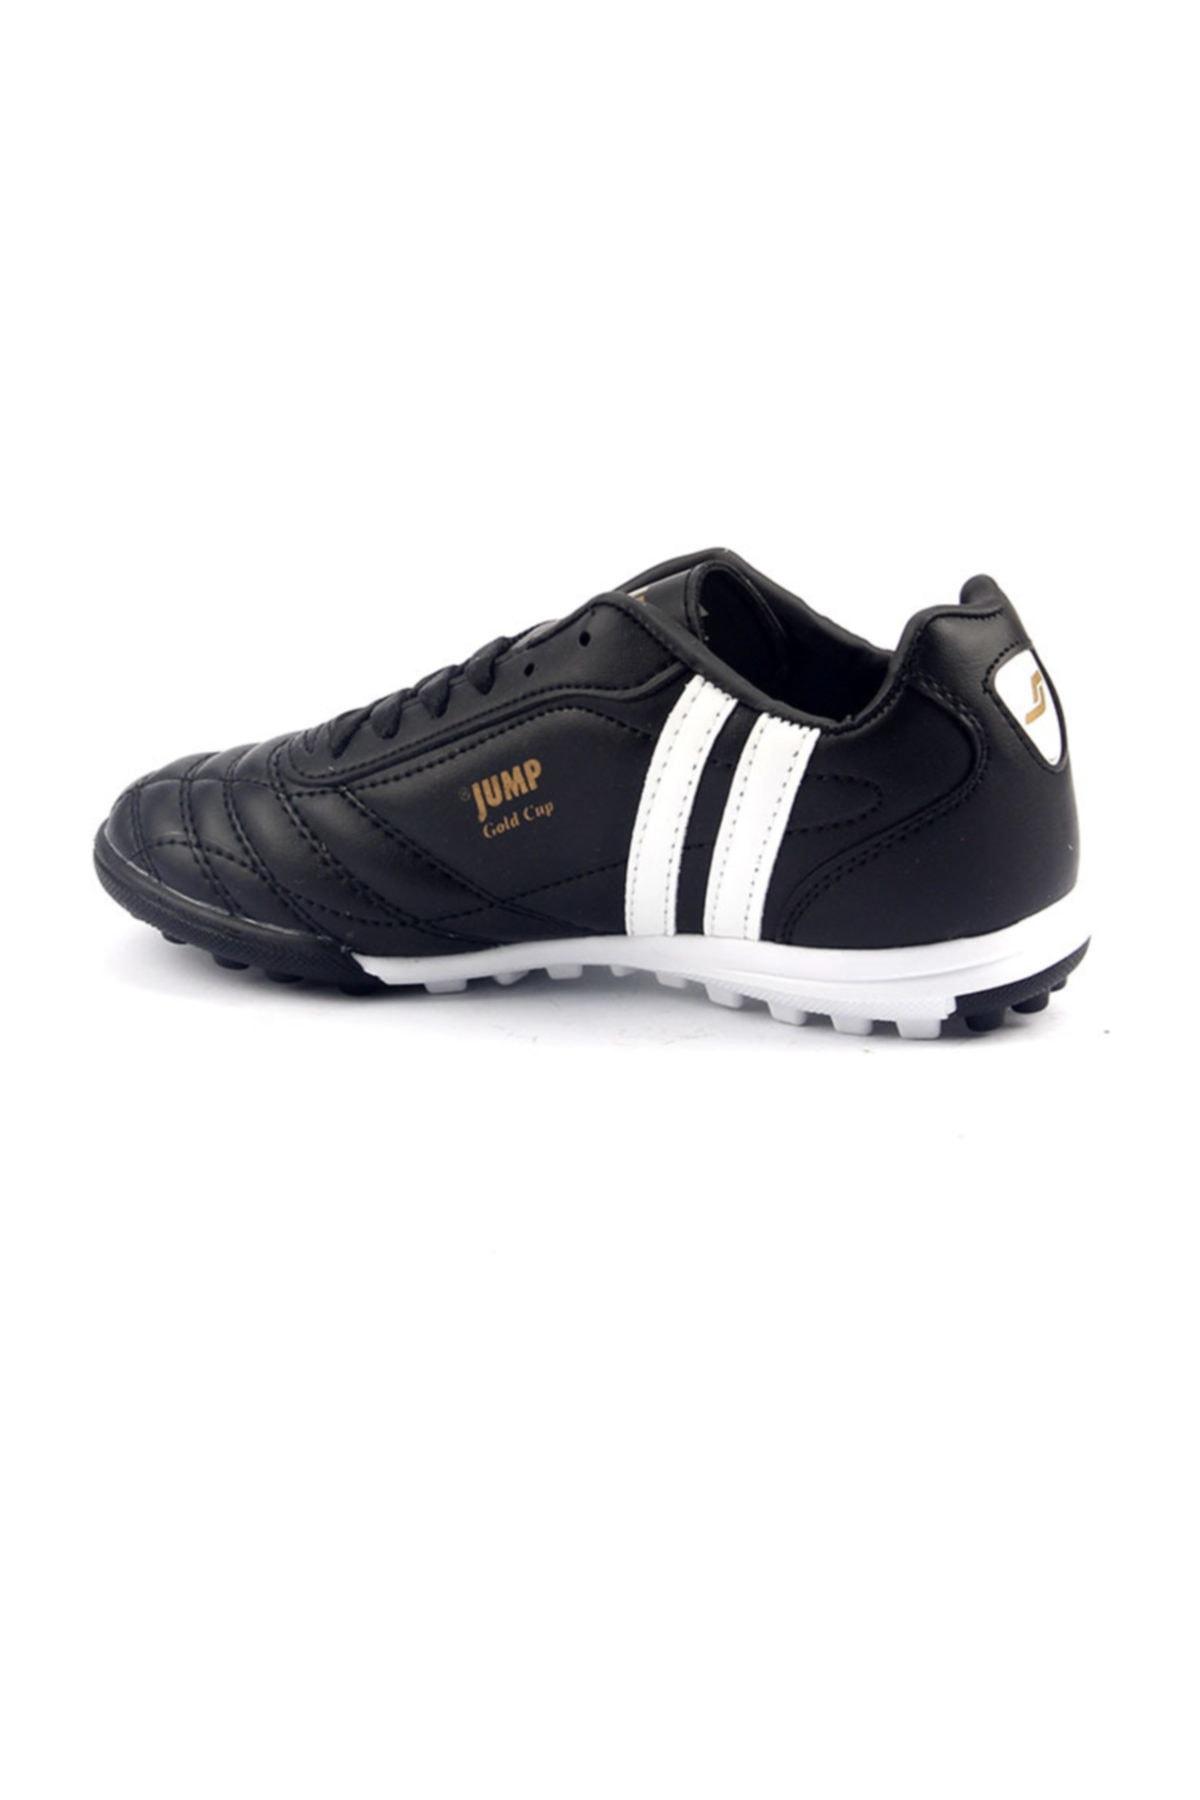 Jump Siyah Halısaha Krampon Erkek Çocuk Futbol Ayakkabı 2